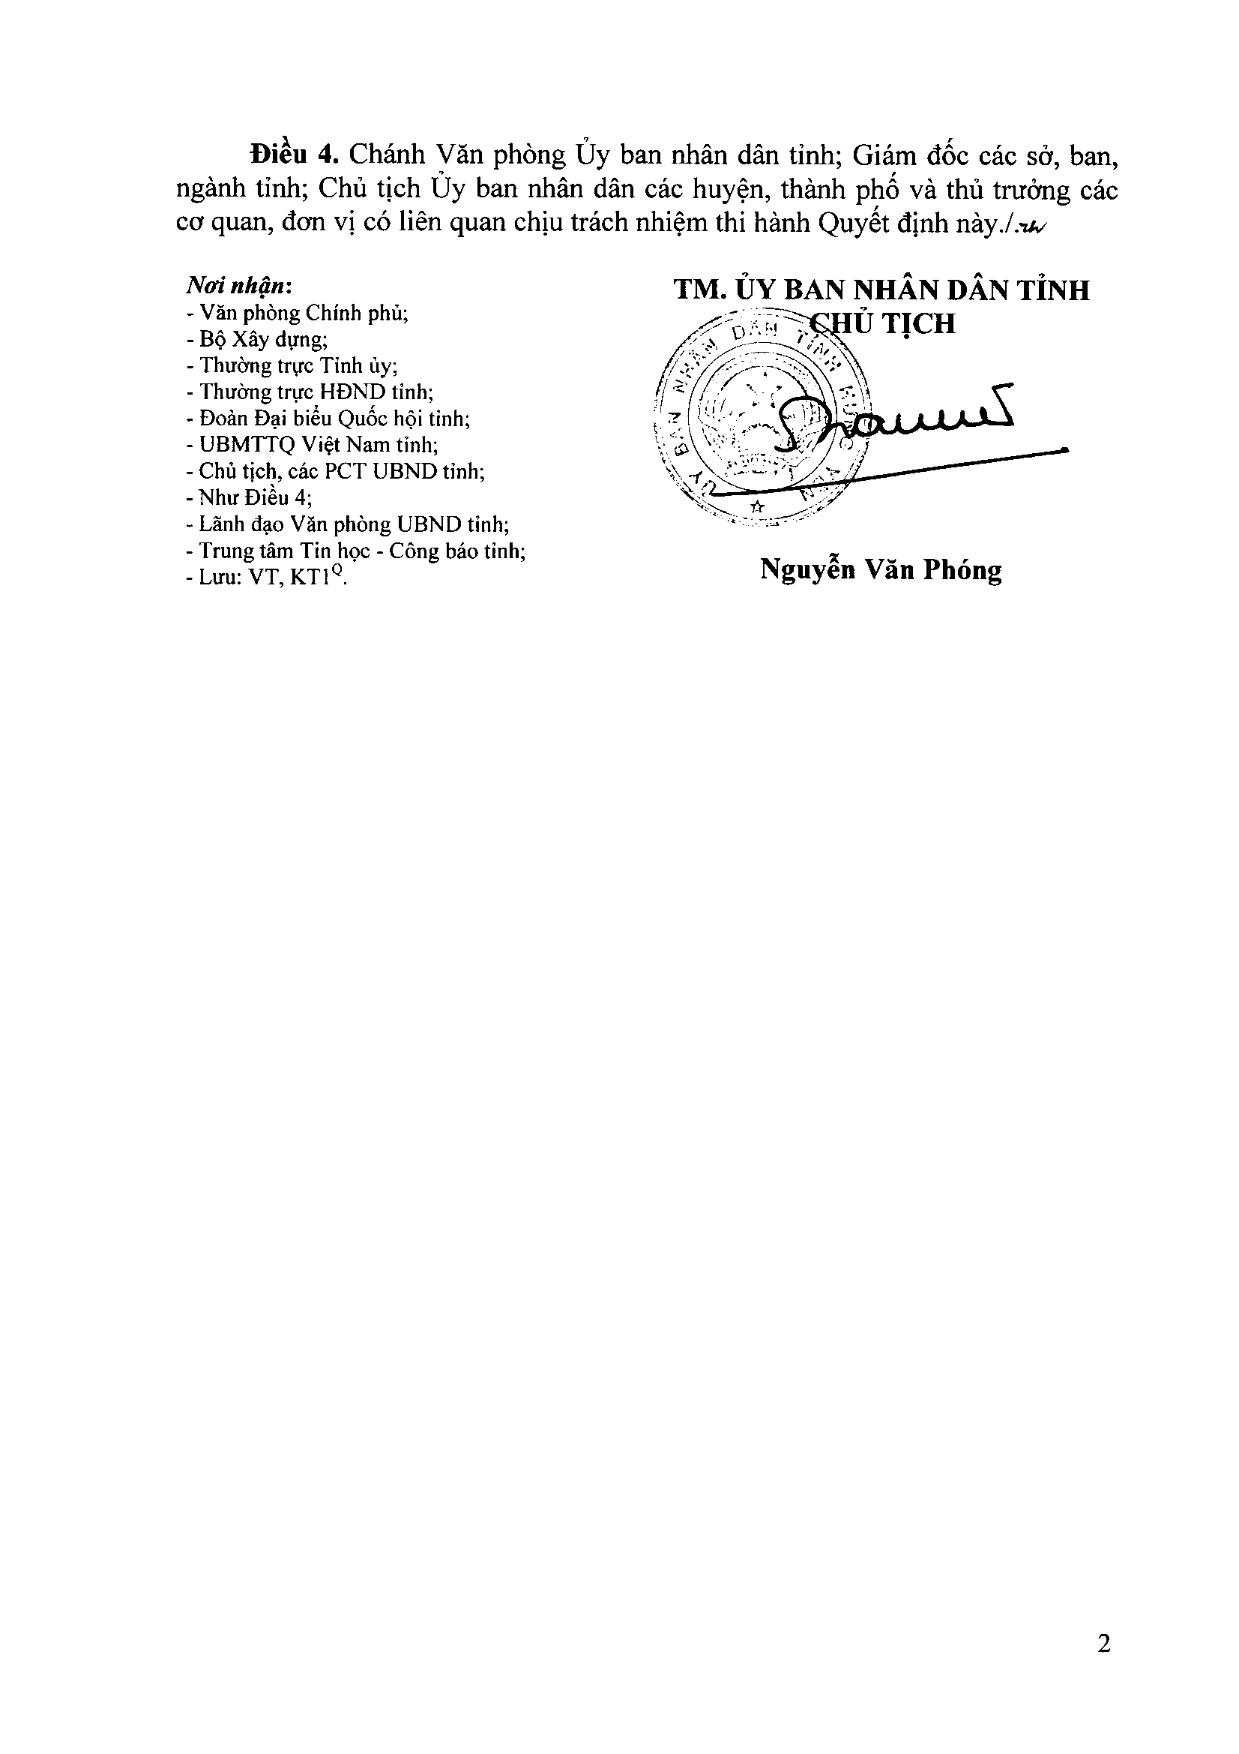 3211- ca may thiet bi thi cong_002